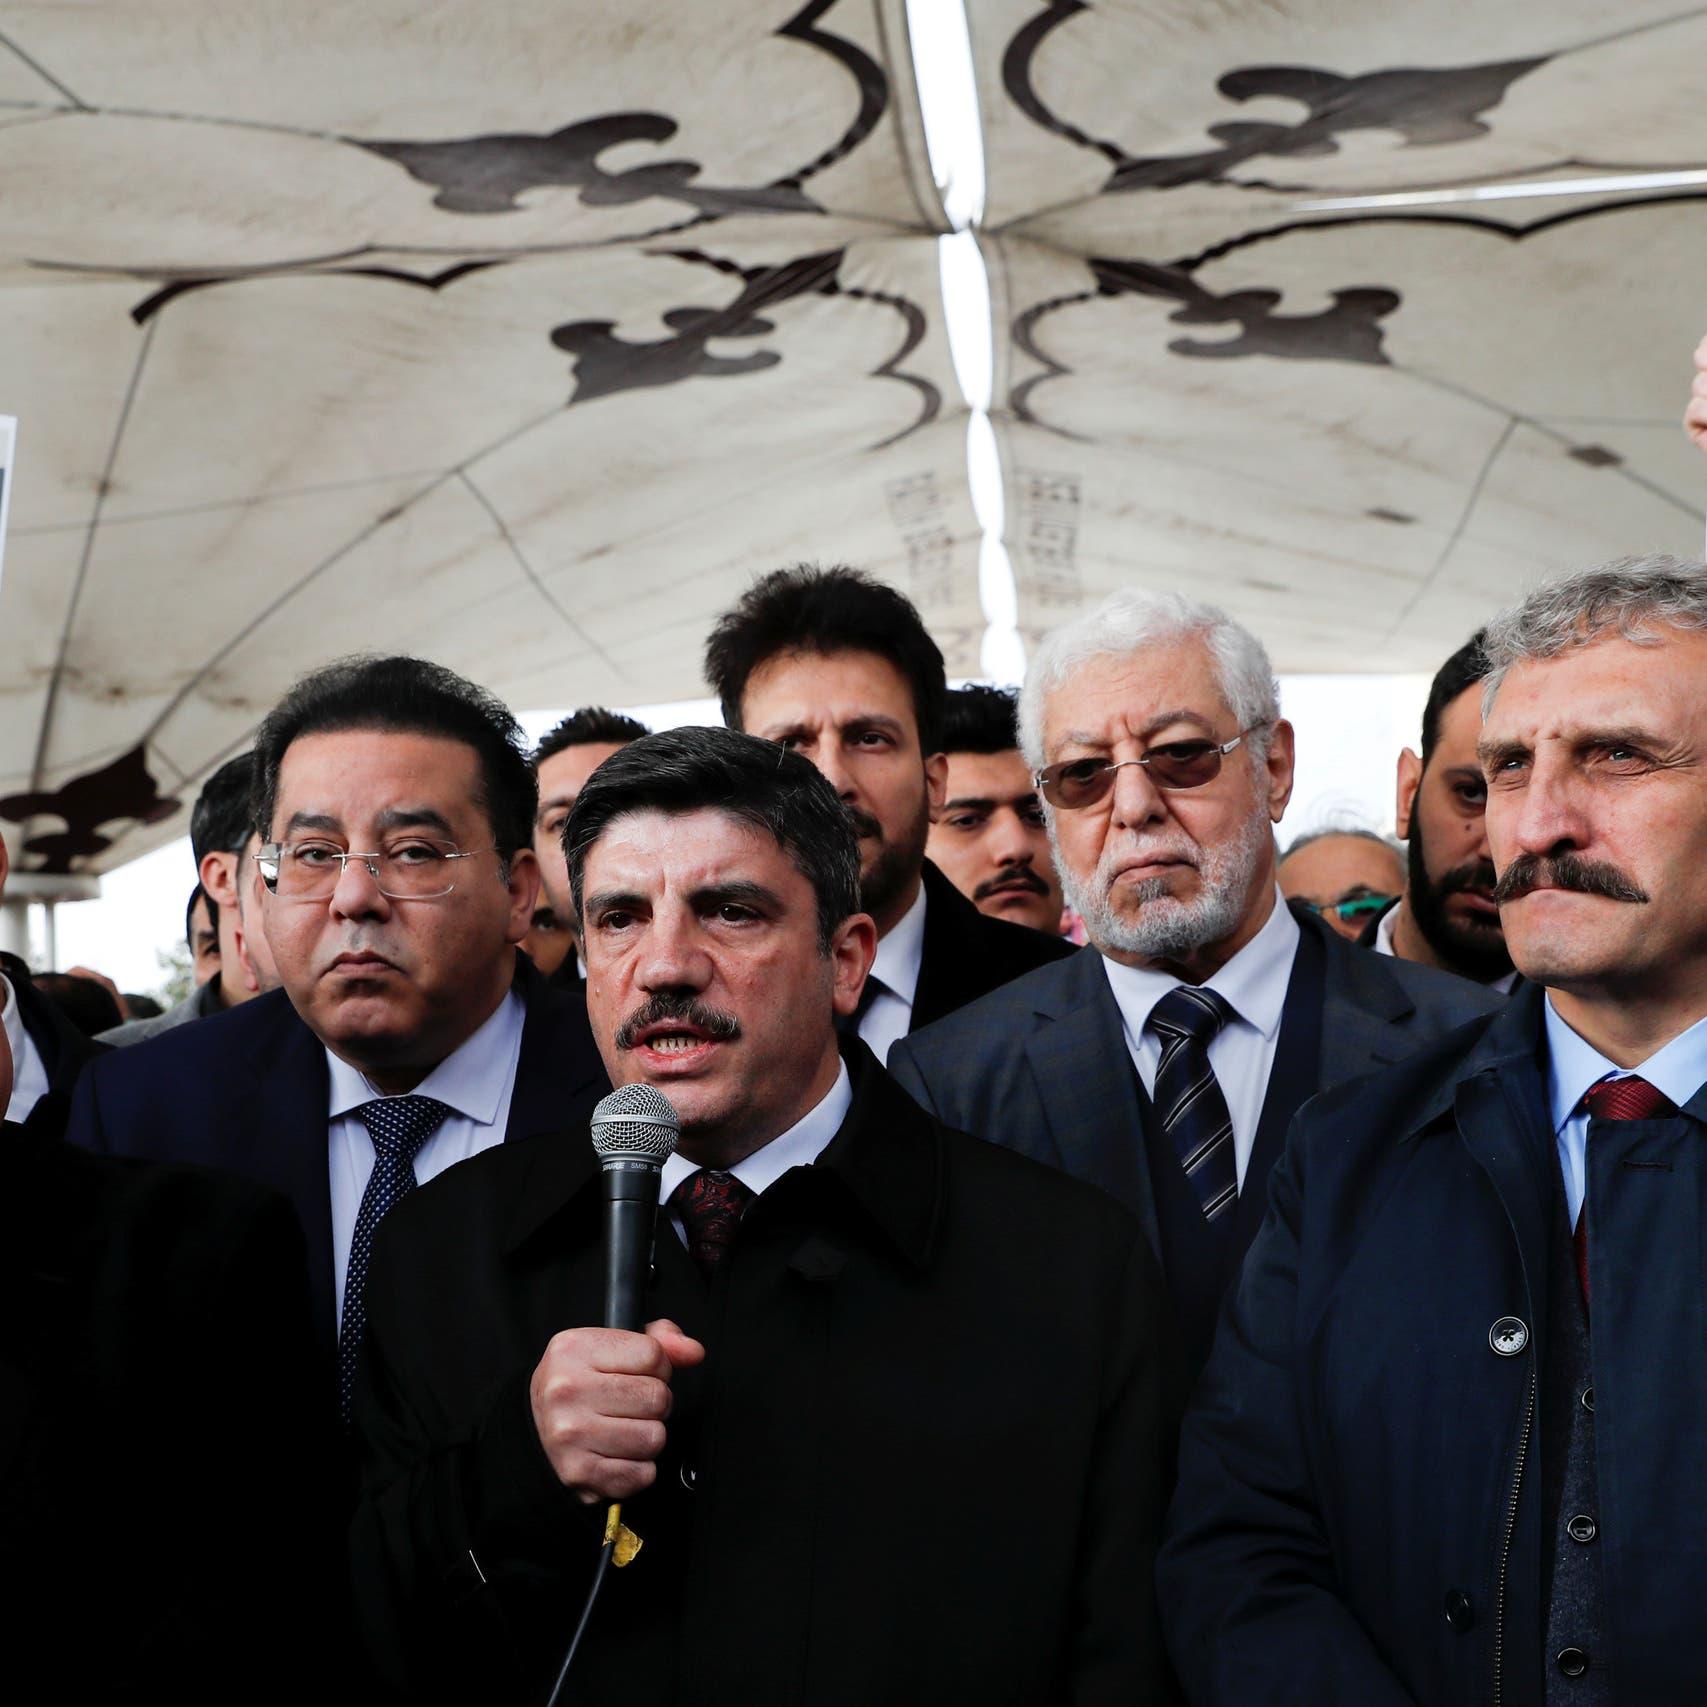 أنقرة تنكأ جرح ليبيا.. مستشار أردوغان: أنجزنا وعدنا